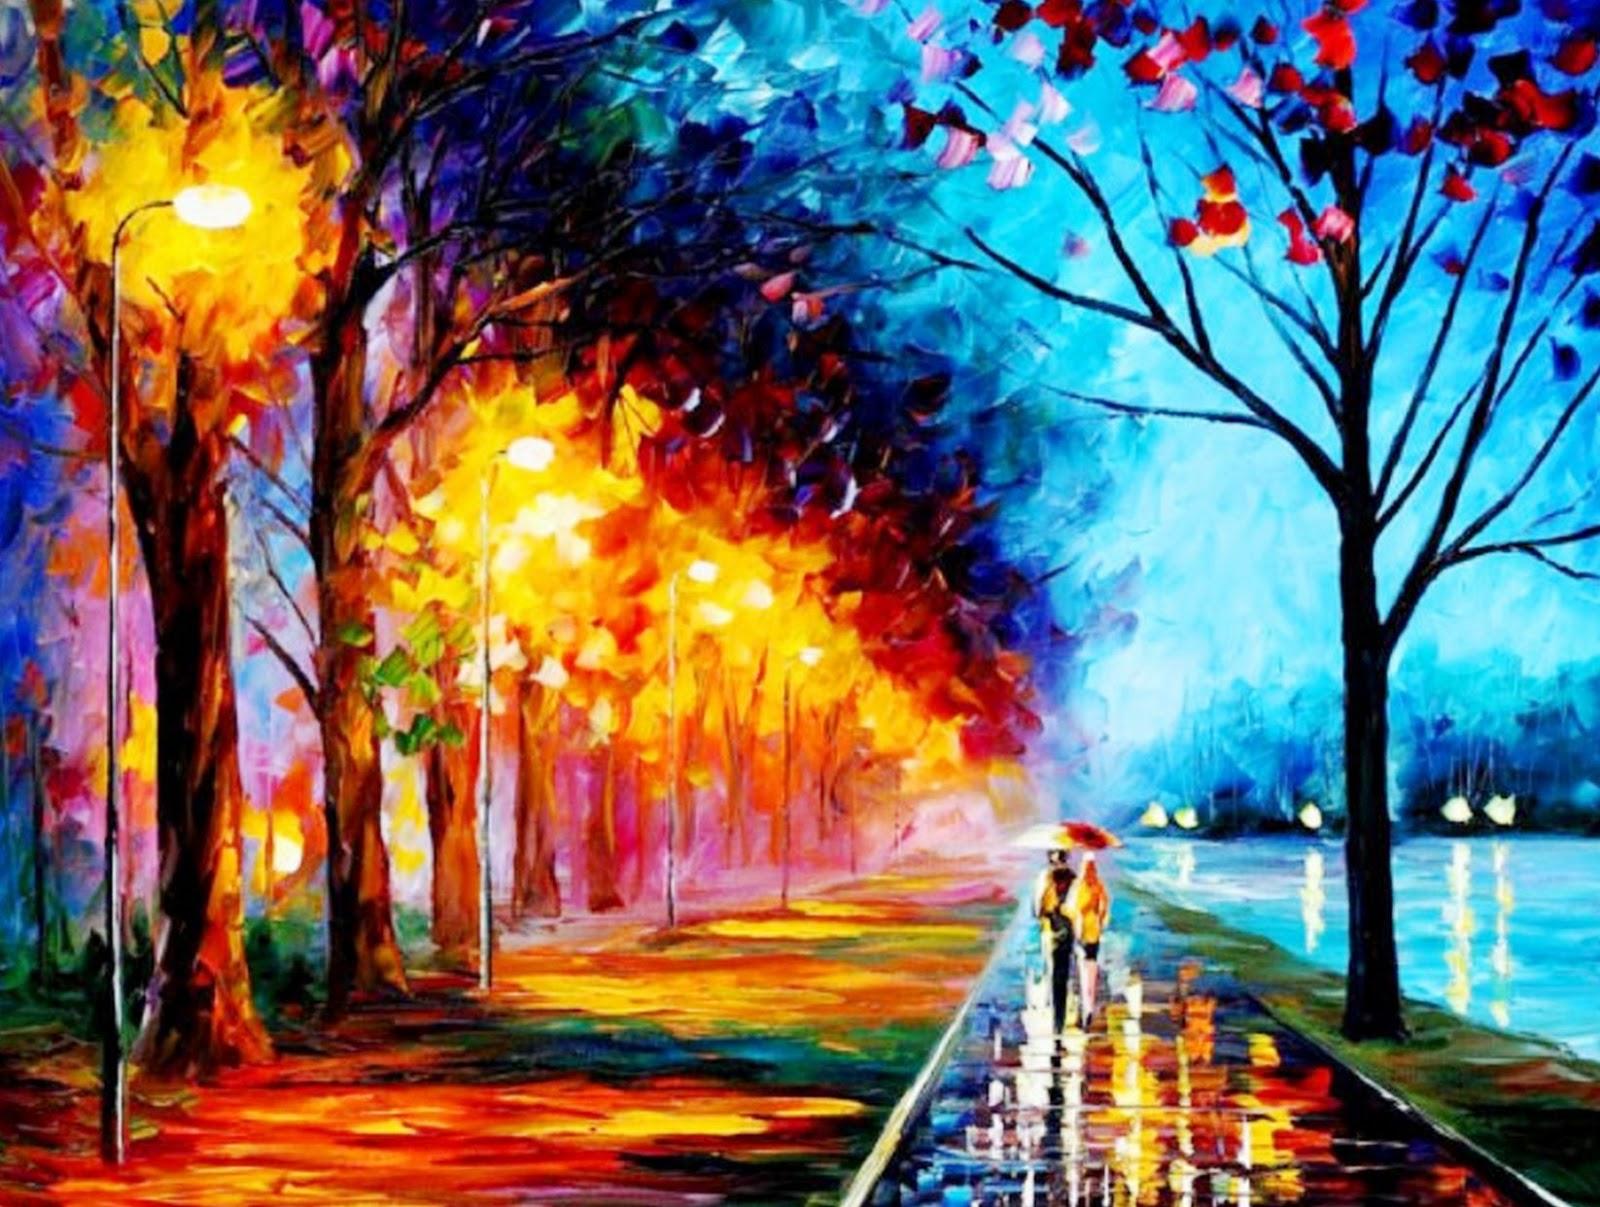 Im genes arte pinturas paisaje impresionista moderno - Lo ultimo en cuadros modernos ...